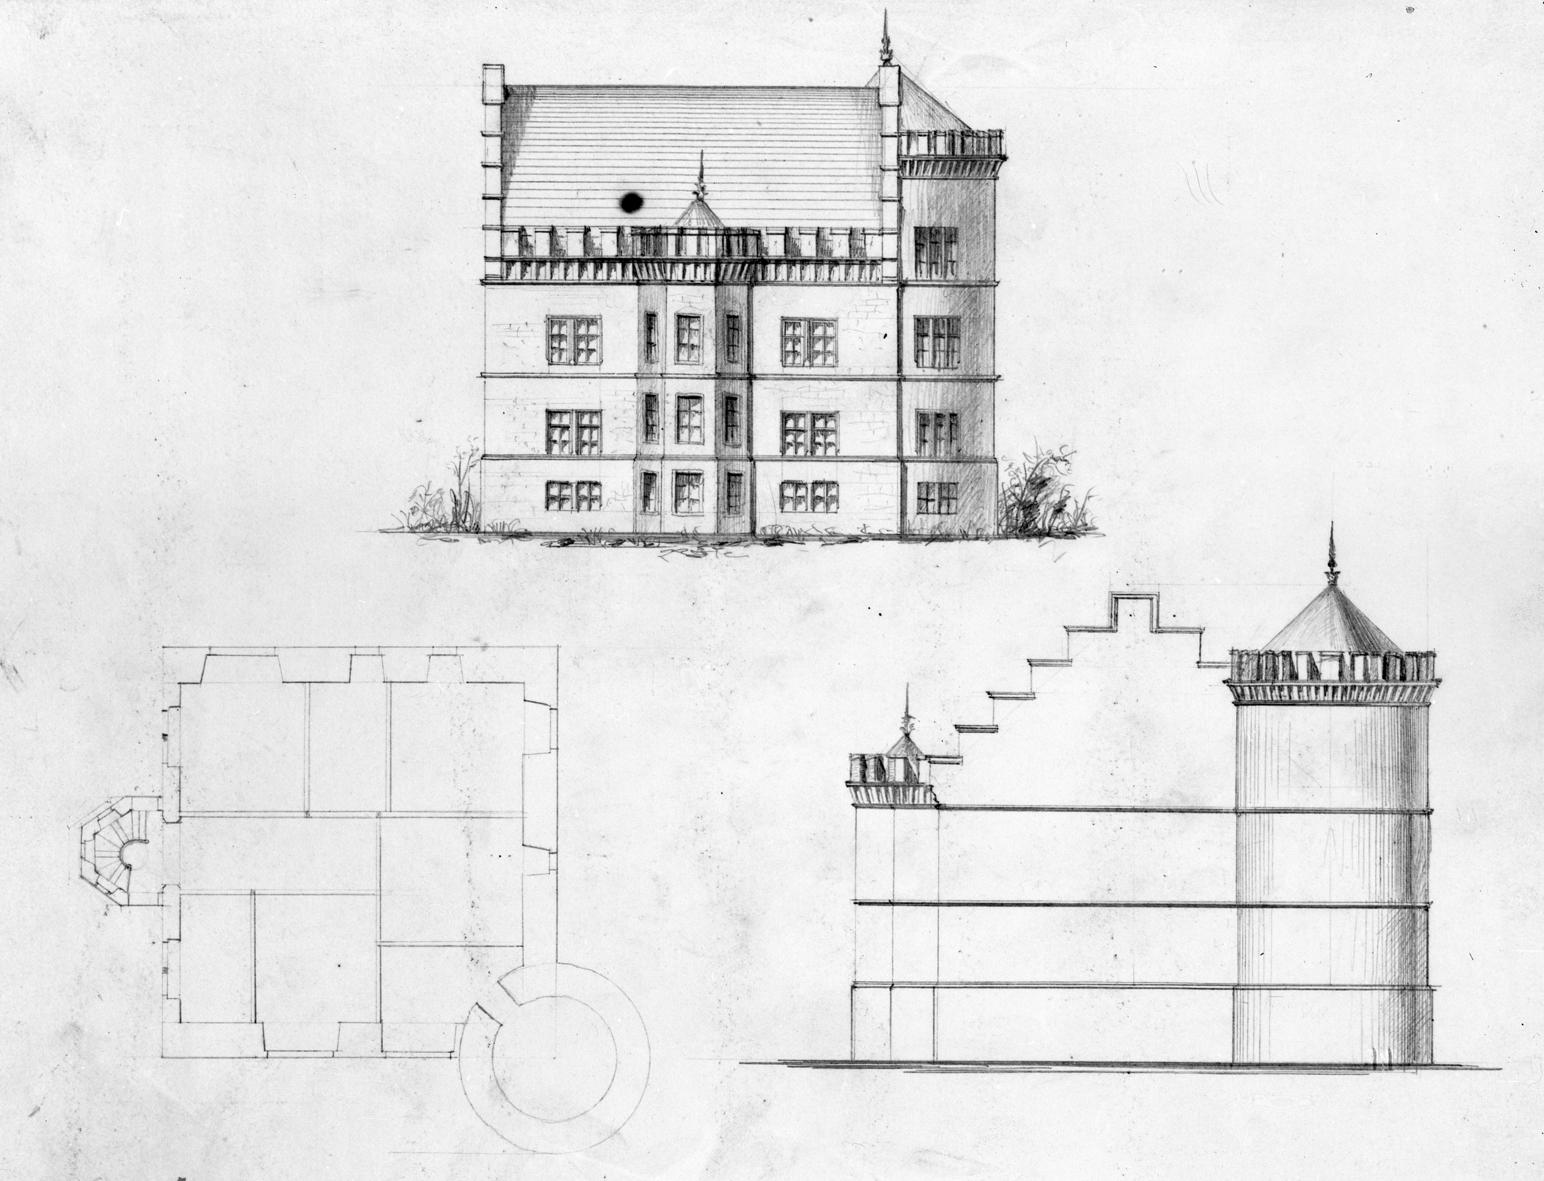 Herrenhaus, Ausbauskizze. Ein Grundriß und zwei Aufrisse, Blei 25,2 x 34 Maßstab von 70 Einheiten = 12 cm. unbezeichnet. H. 19. Jh. (LWL-Münster 80/3008)